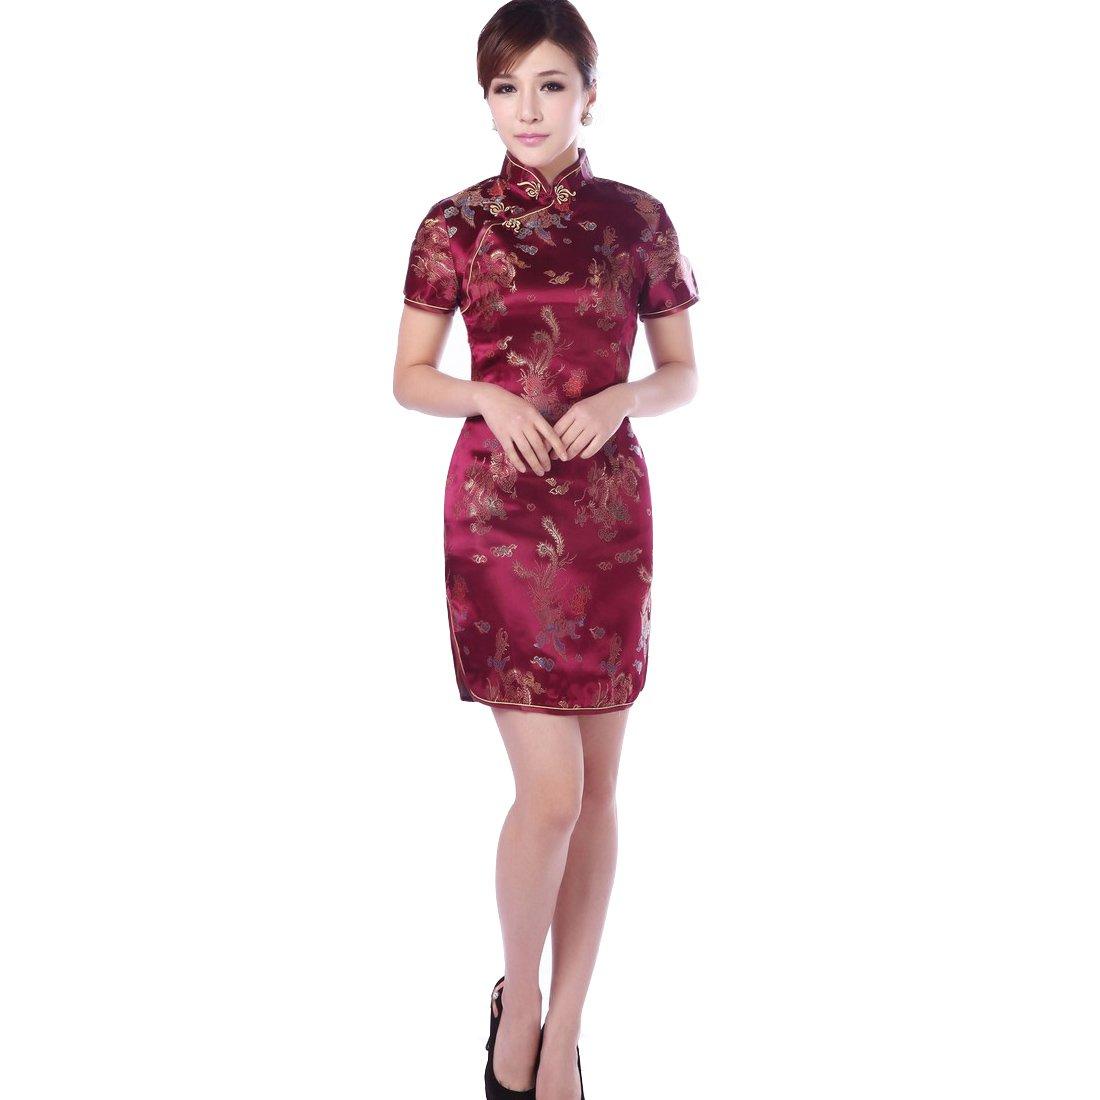 JTC Women's Wine Red Short Cheongsam Dress 1pc (4)